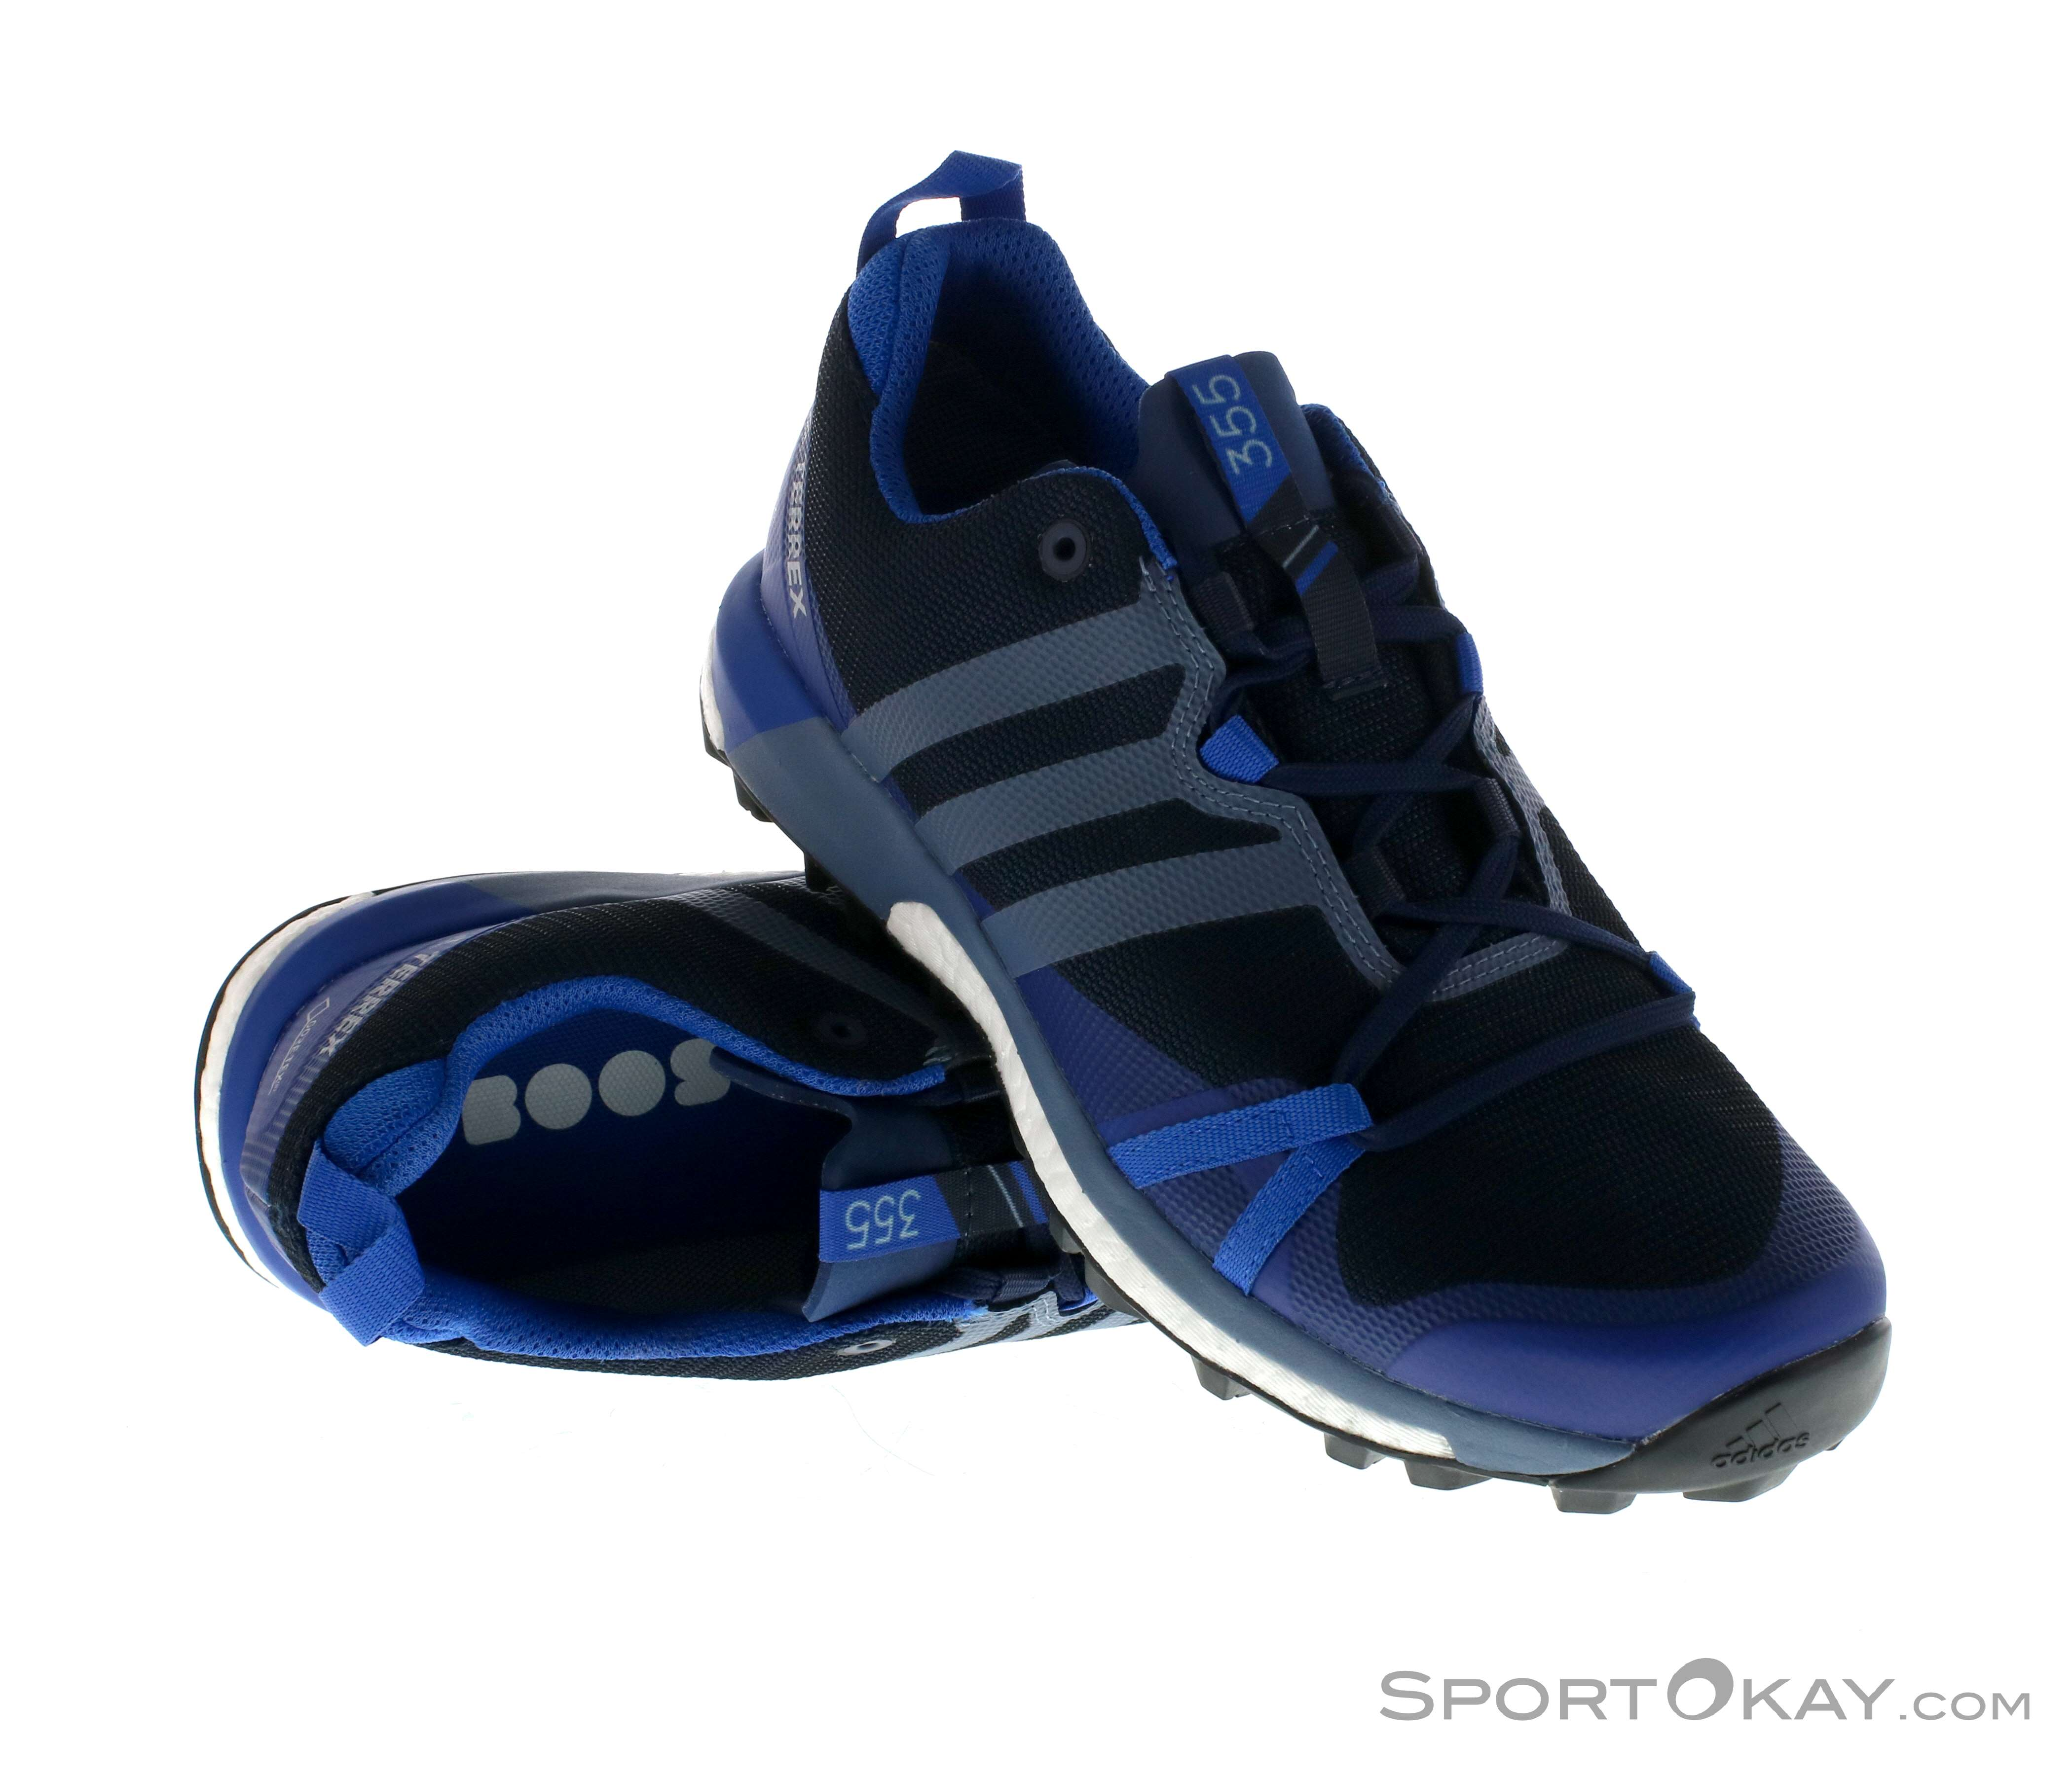 b938ae6fc9 adidas Terrex Agravic GTX Mens Trail Running Shoes Gore-Tex, adidas, Blue,